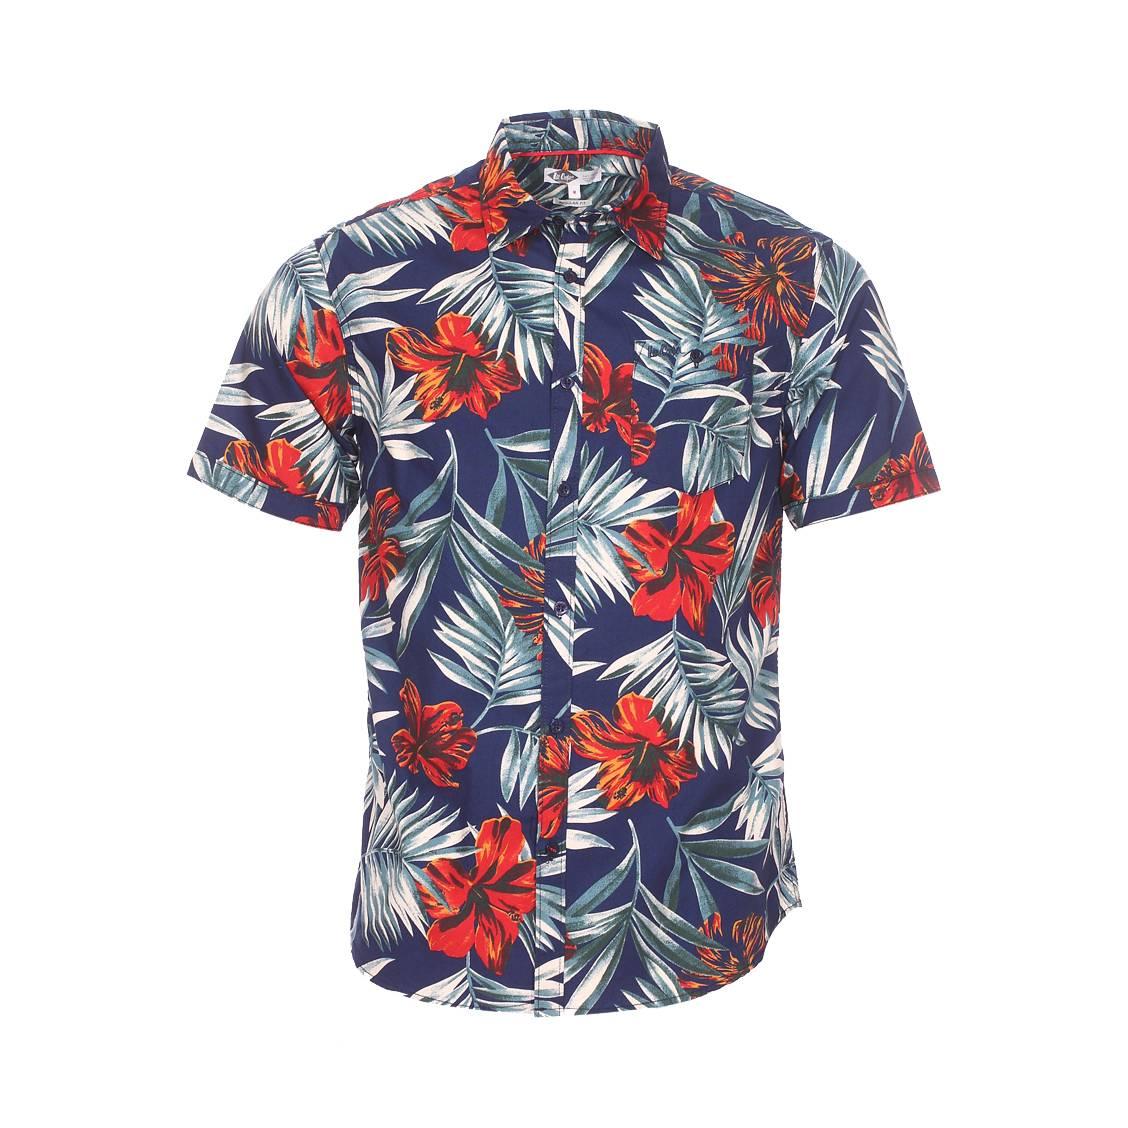 Chemise ajustée manches courtes  drust en coton bleu marine à motifs tropicaux rouges et verts